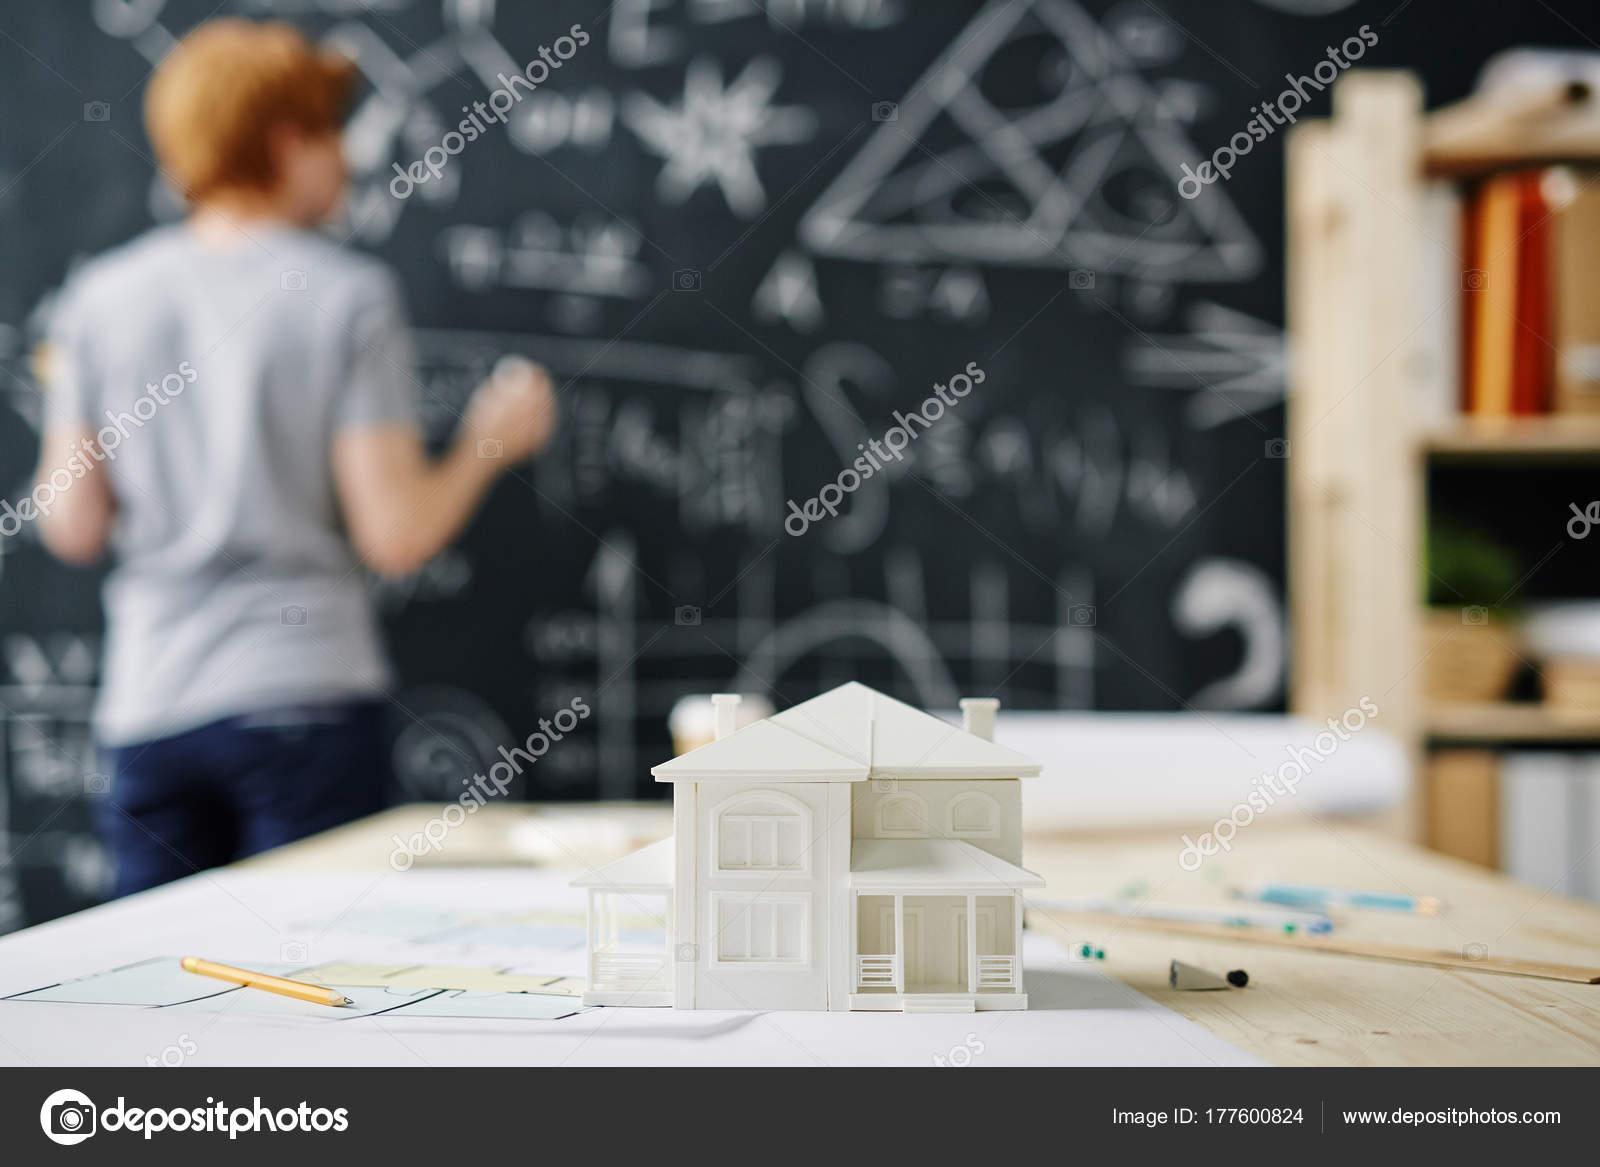 Gros plan maison modèle plans Étage sur bureau dans contexte